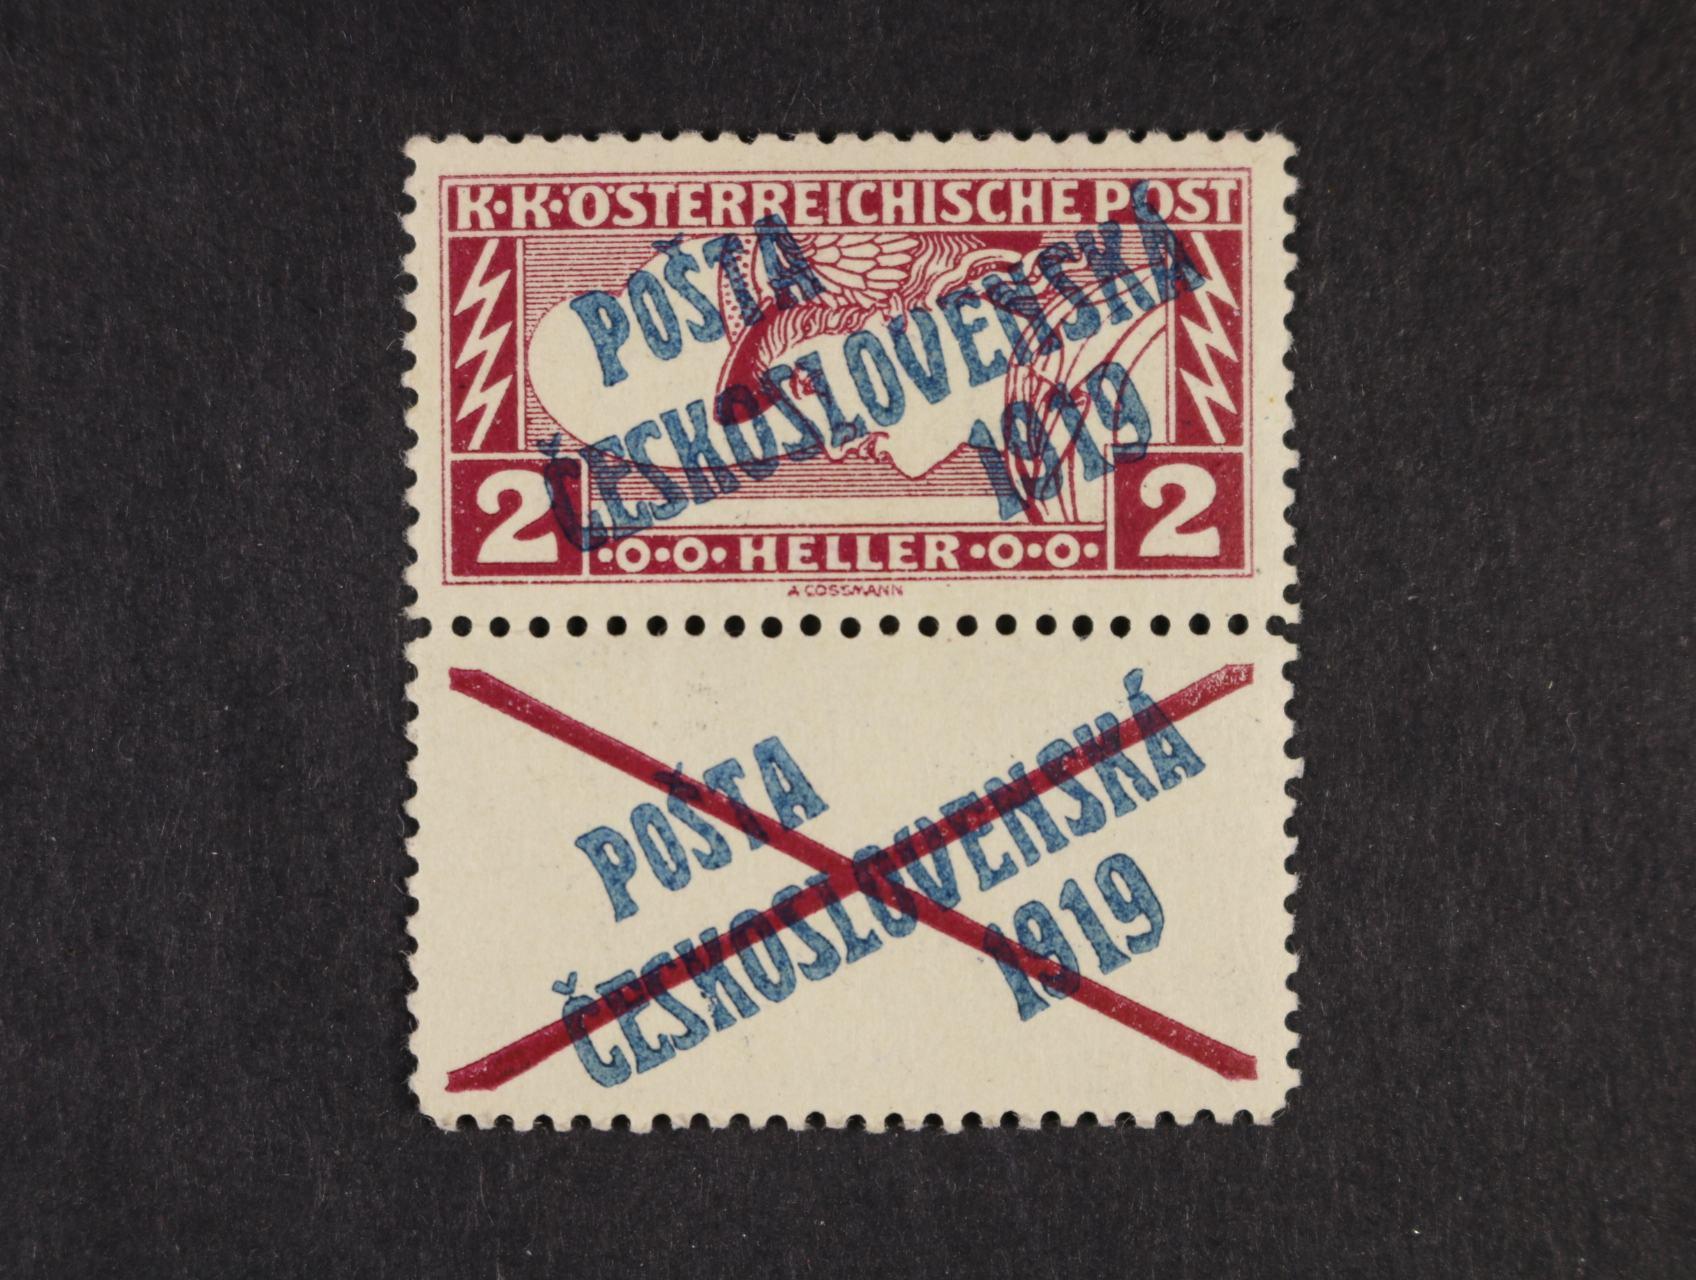 zn. č. 57 A s přetištěným kuponem, typ I, zk. Stupka